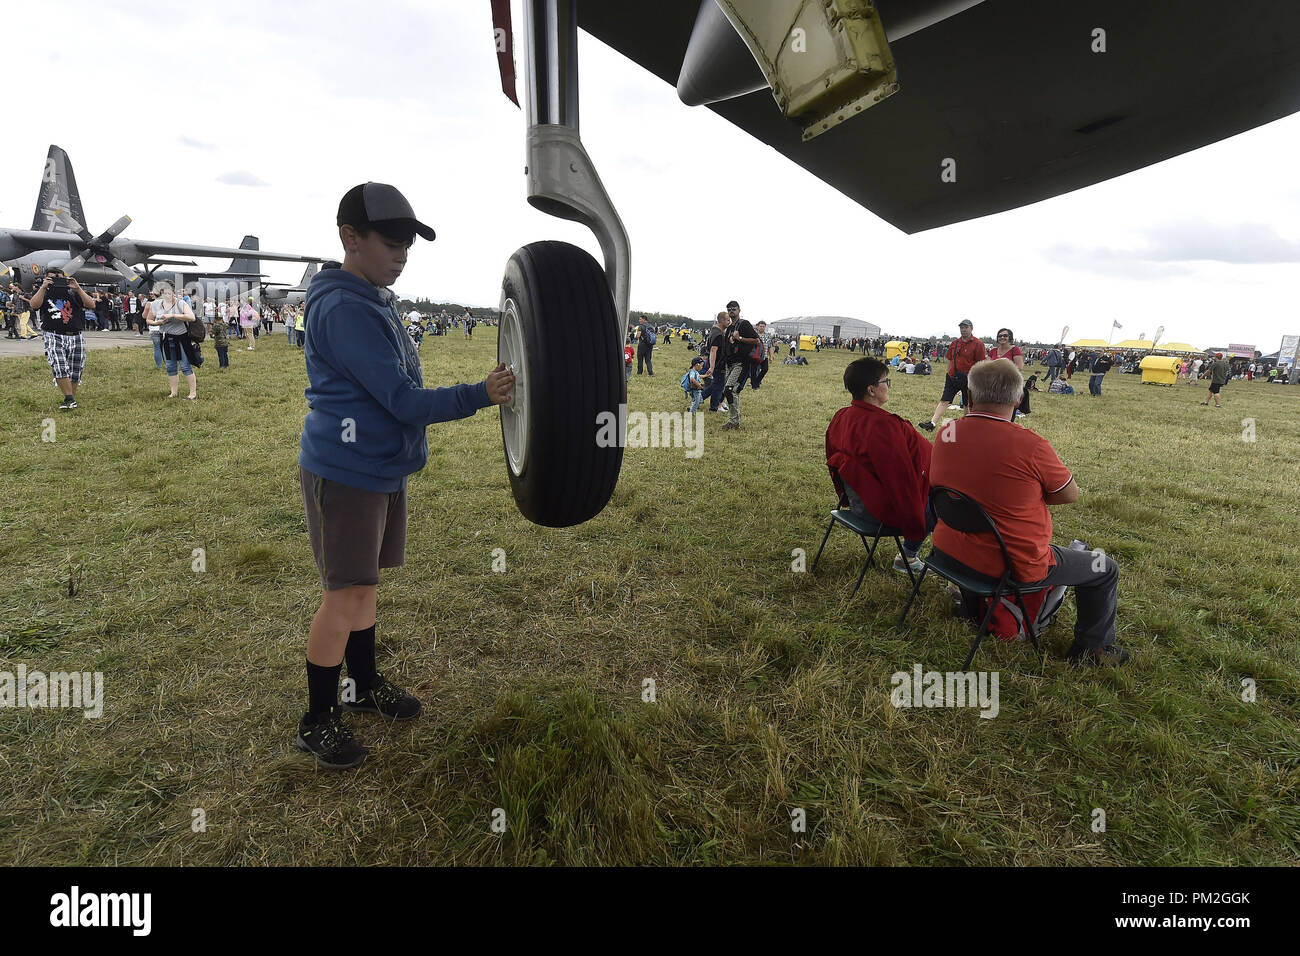 Un muchacho inspeccionar una rueda de Estados Unidos bombarderos estratégicos B-52 Stratofortress durante los días de la OTAN y de la Fuerza Aérea Checa días al aeropuerto Mosnov Ostrava, República Checa, 15 de septiembre de 2018. (CTK Foto/Jaroslav Ozana) Foto de stock